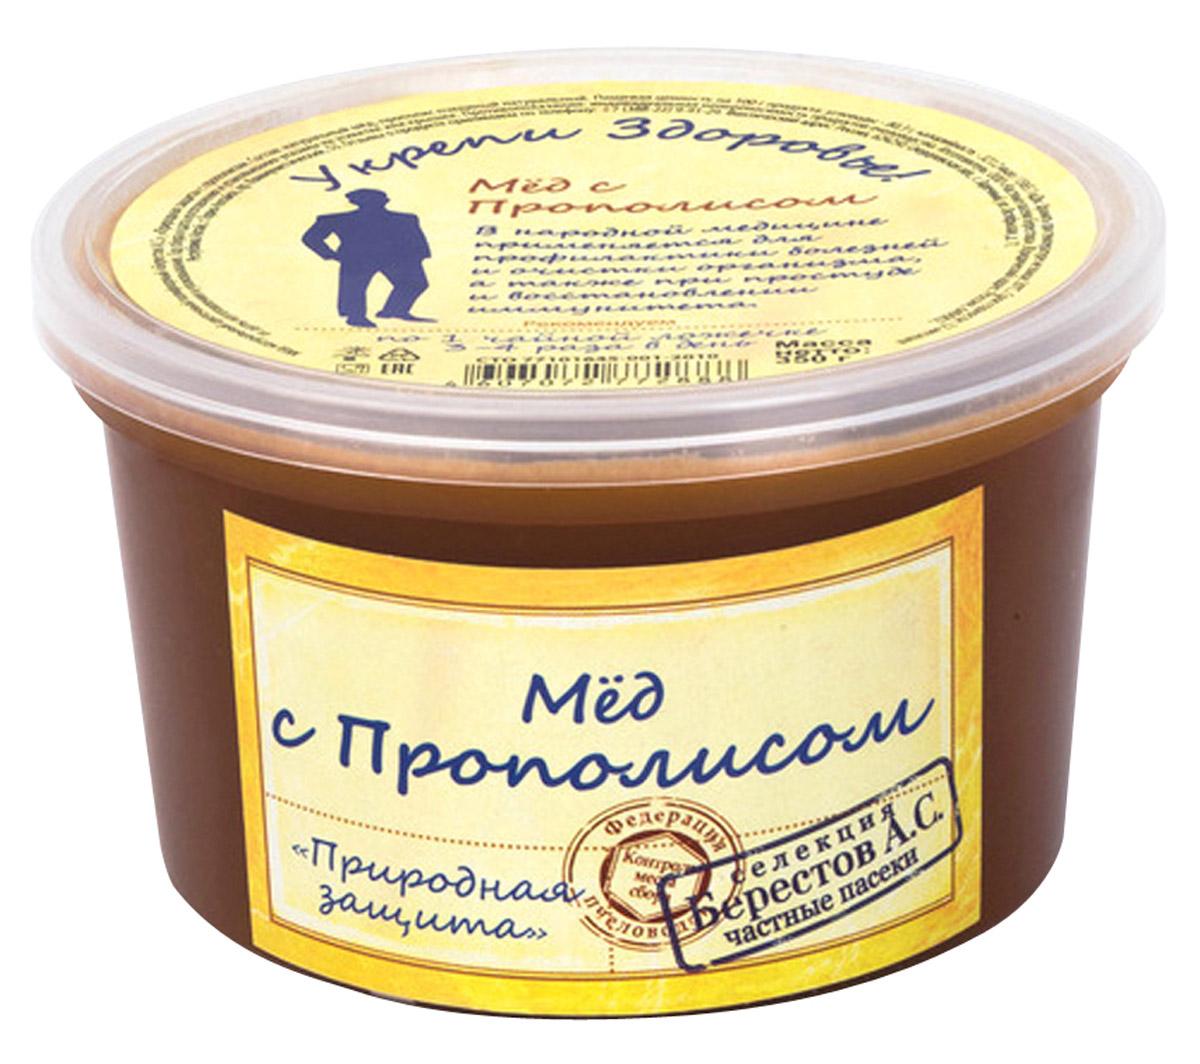 Берестов Мед с прополисом, 350 г0120710Добавление прополиса делает мед уникальным биологическим веществом с усиленными целебными свойствами. Сочетание прополиса и мёда - это двойная доза полезных веществ!На вкус мед с прополисом сладкий с легкой горчинкой и ванильным послевкусием. Аромат приятный, бальзамический, со смолисто-медовыми нотками.Лечебные свойства:Мёд с прополисом может похвастаться богатым арсеналом целебных свойств и качеств. Мед и прополис - мощнейшие природные антибиотики, поэтому мёд с прополисом должен всегда быть под рукой как природная скорая помощь. Он мгновенно обезболивает, убивает вирусы и способствует быстрому восстановлению иммунитета. Эффективен не только в чистом виде, но и в качестве ингаляций, полосканий и капель в нос или глаза. Полезен при гастритах, болезнях сердца и печени, в качестве профилактики в сезон простуд. Подходит и для наружного применения - как ранозаживляющее и в виде компрессов при суставных заболеваниях.Сезонная коллекция меда Берестов. Мед контролируемого места происхождения. В состав линейки включается расширенный ассортимент, в том числе редких сортов. Коллекция Мед с частных пасек получила свое распространение на сезонных фестивалях и ярмарках.В коллекции представлена широкая гамма медов с частных пасек Алтайского края, Башкортостана, Хабаровского края, Краснодарского края, Украины, Киргизии, Средней полосы России. Редкие сорта меда представляются только на фестивалях и ярмарках ввиду того что собираемых пчеловодами объемов недостаточно для продажи их в течение всего года. Упаковка меда ведется холодным методом сохраняющим 100% биологических свойств продукта. Упаковка производится на Берестовской фабрике натуральных продуктов сертифицированной по стандарту менеджмента качества ISO.